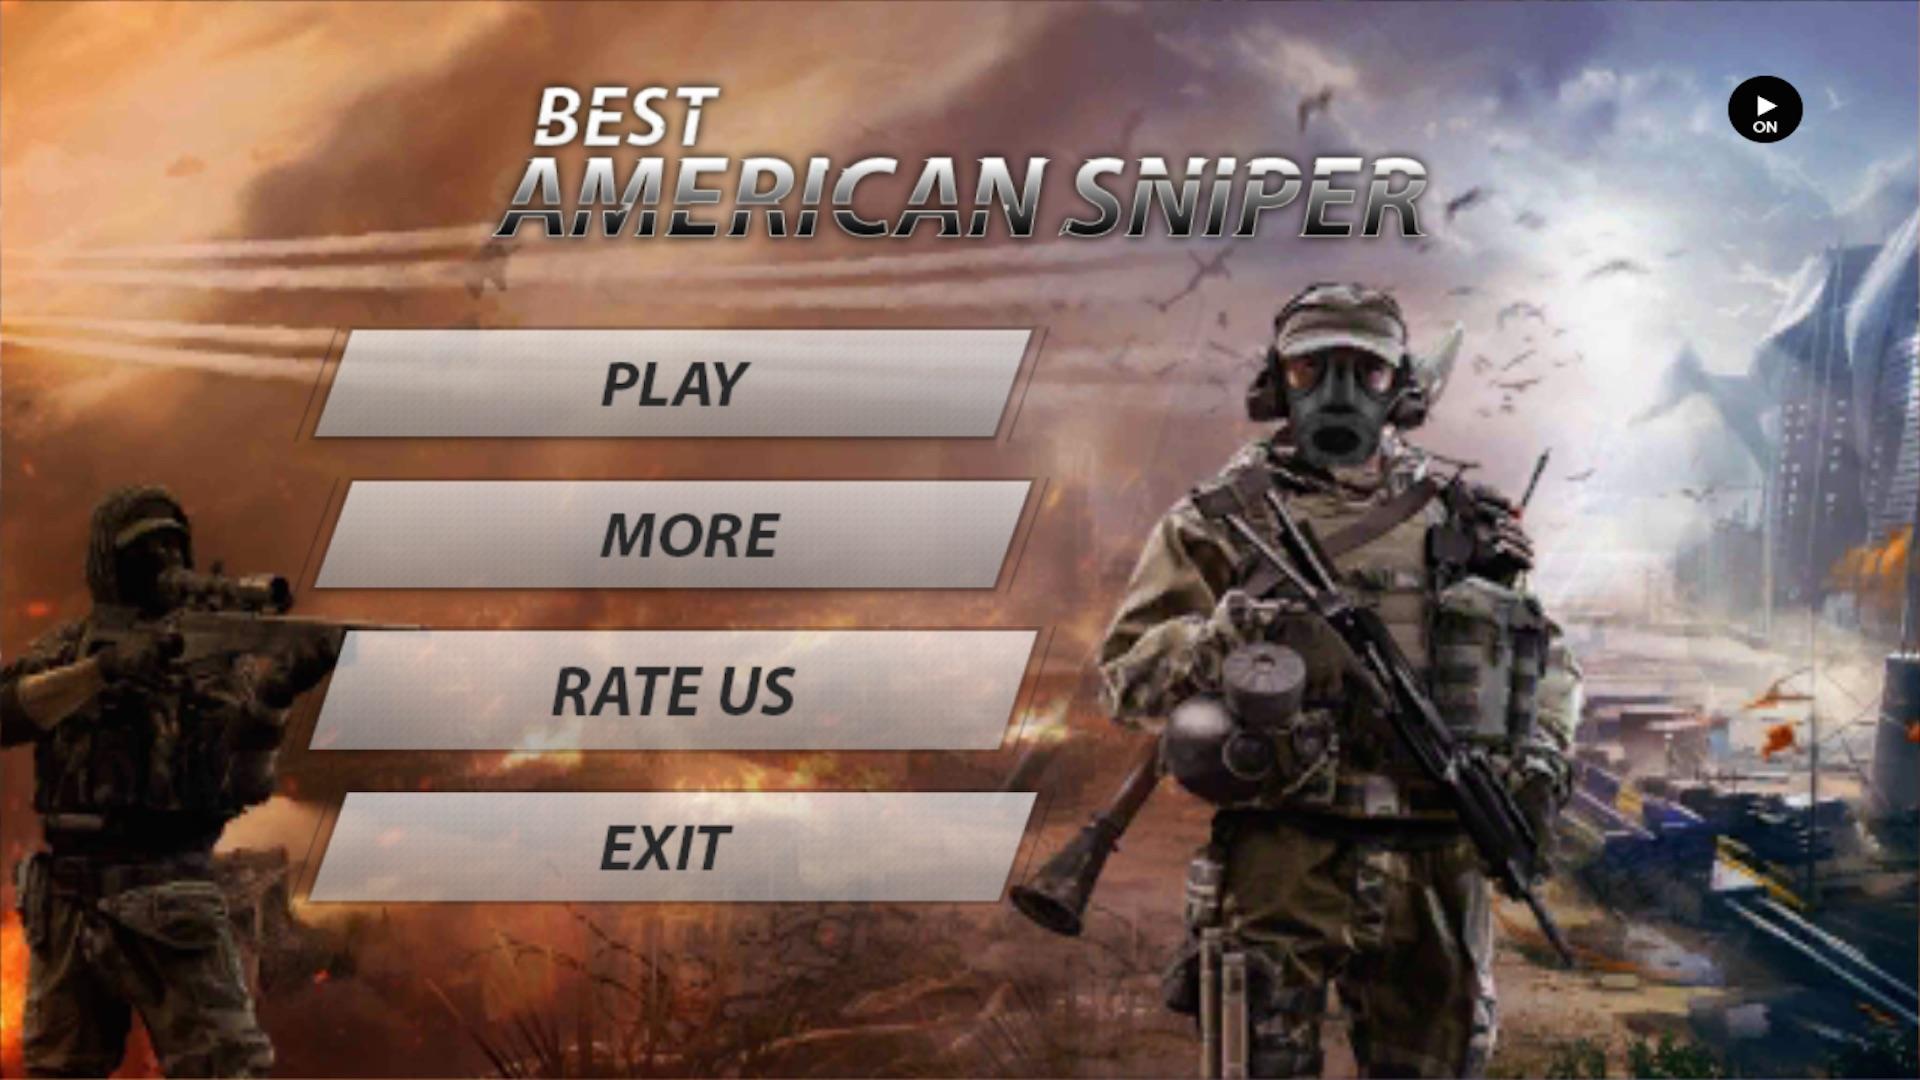 Best American Sniper